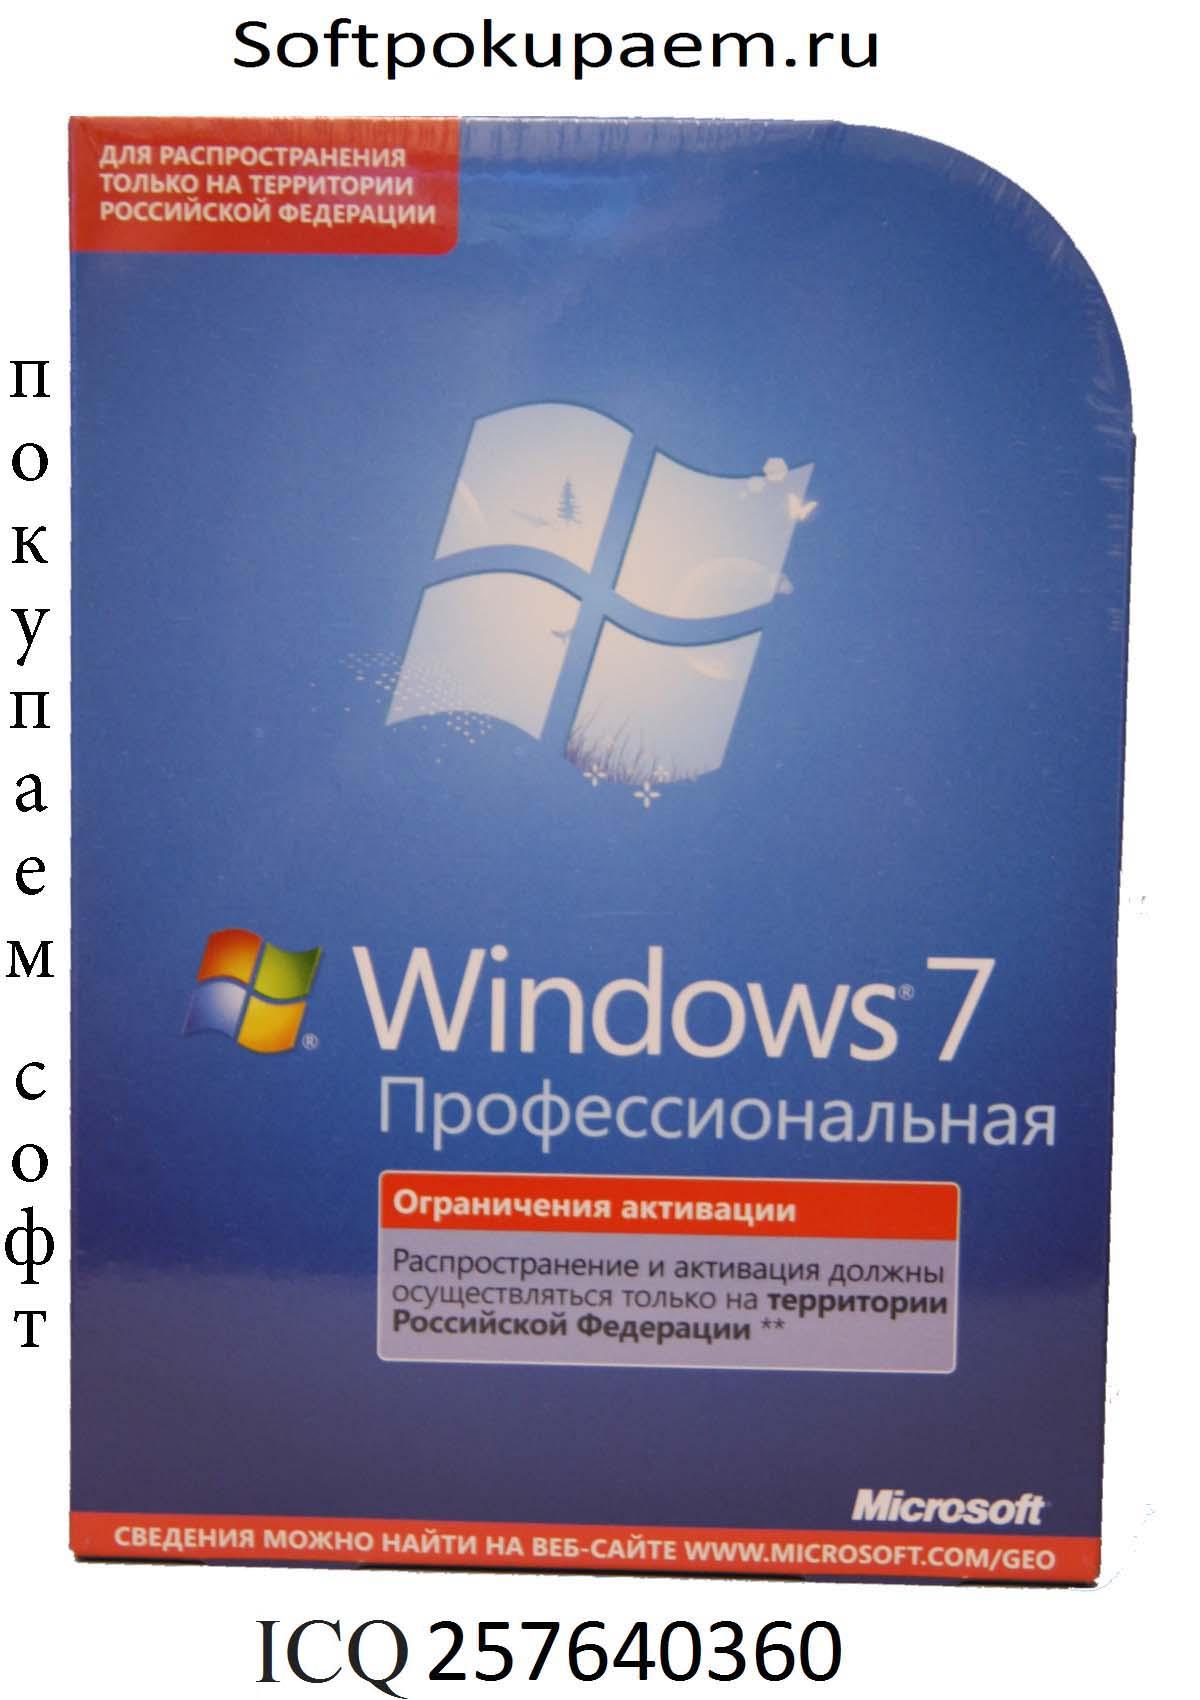 Microsoft (Майкрософт) купим оперативно и дорого +7 963 6456273